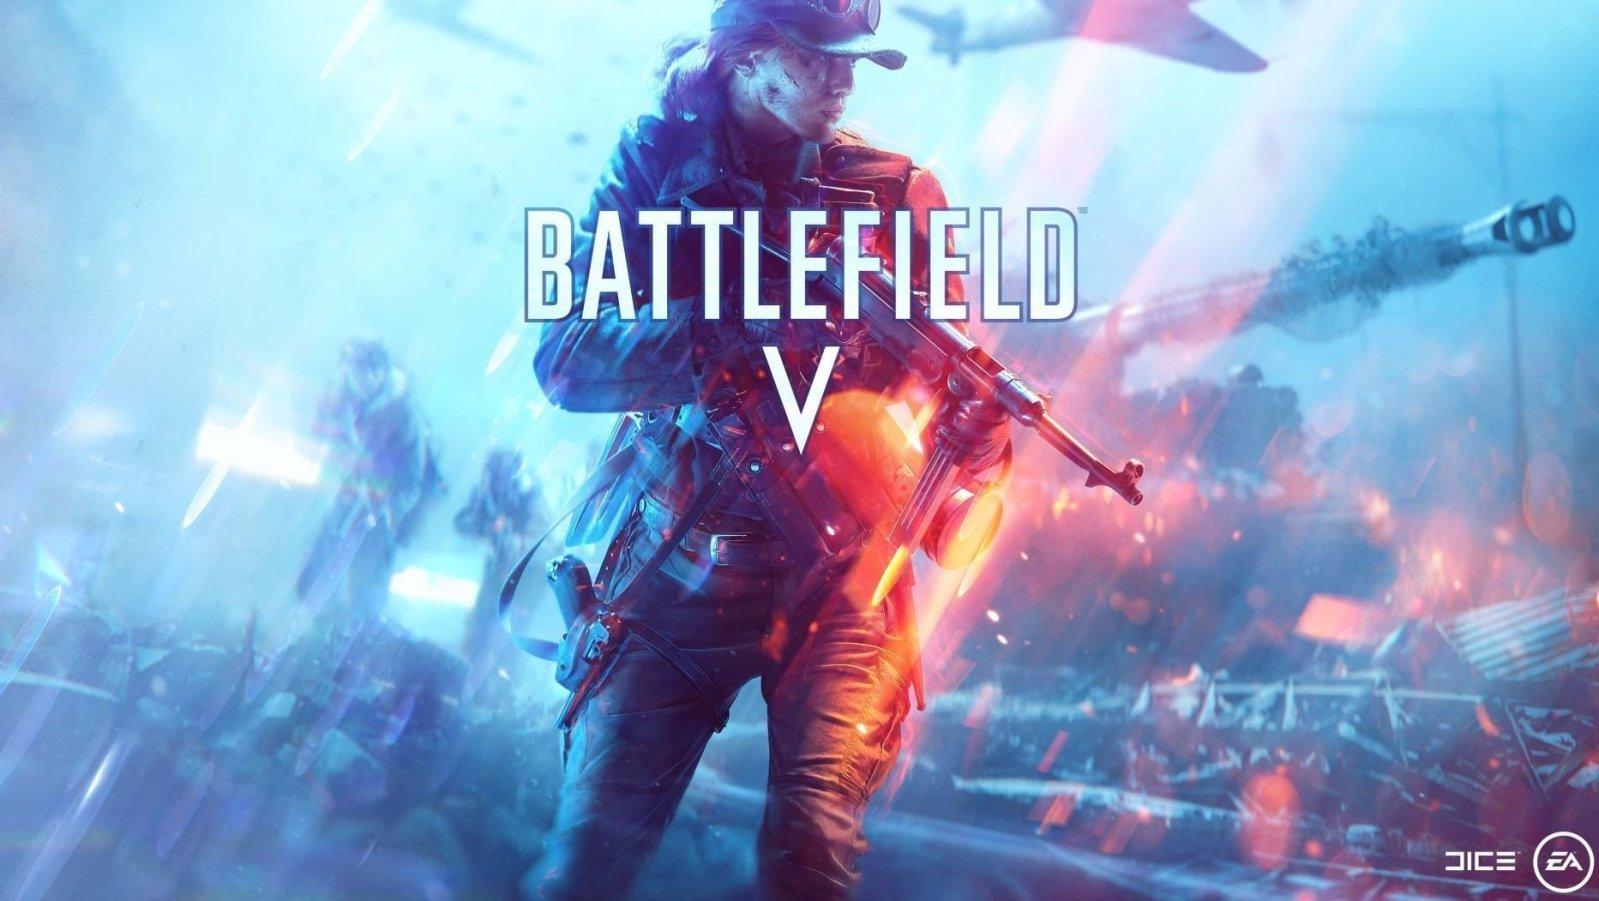 Battlefield 5 buruzko xehetasun berriak agertu ziren